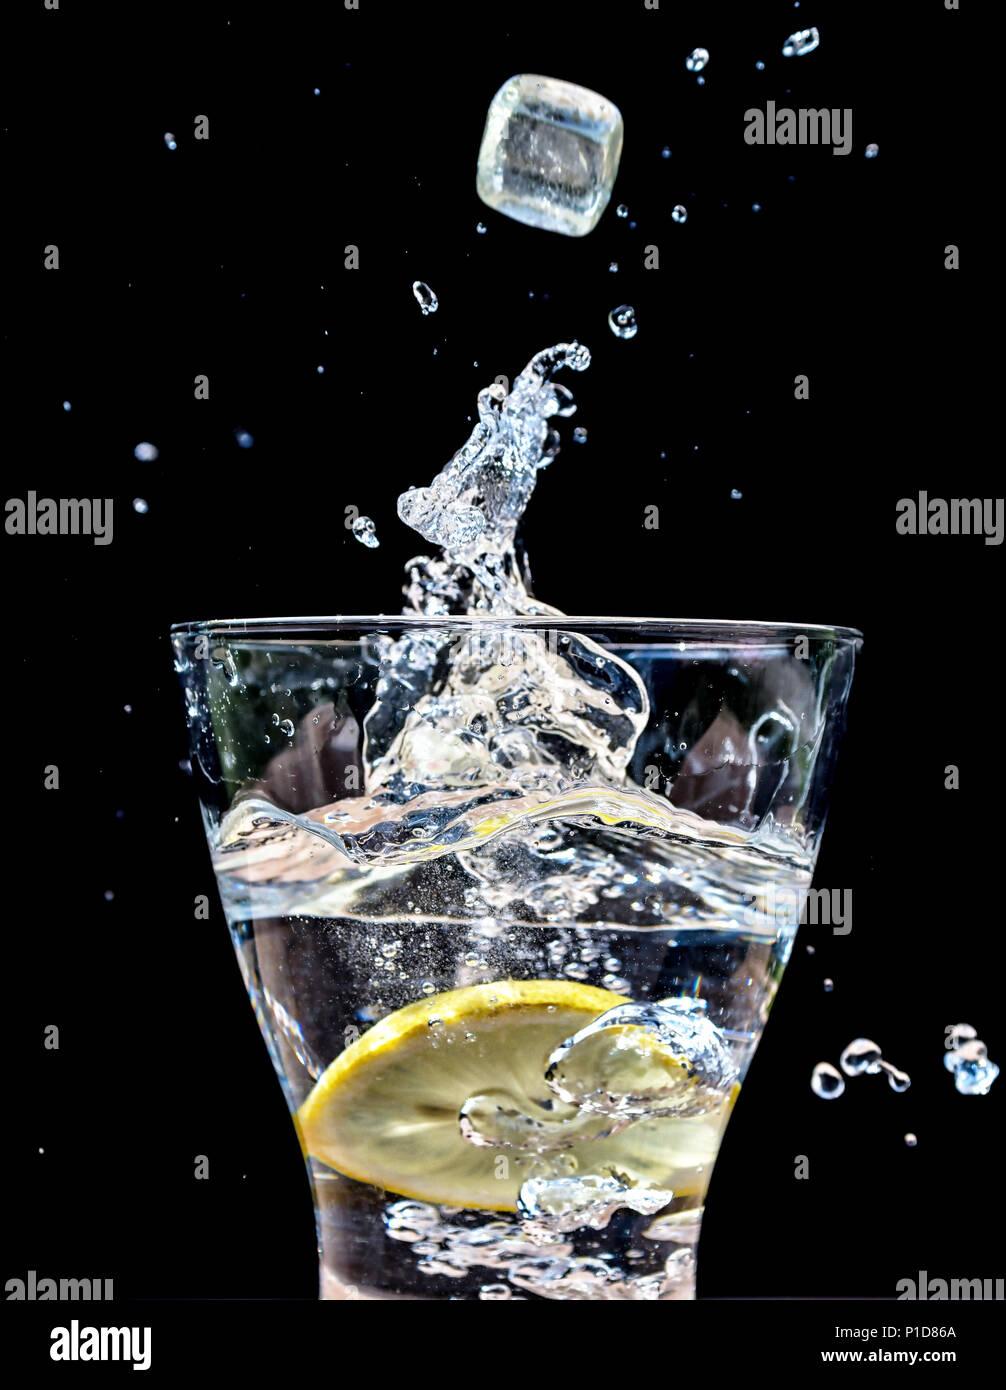 Cubetti di ghiaccio che cade in un bicchiere di acqua creando una splash Immagini Stock